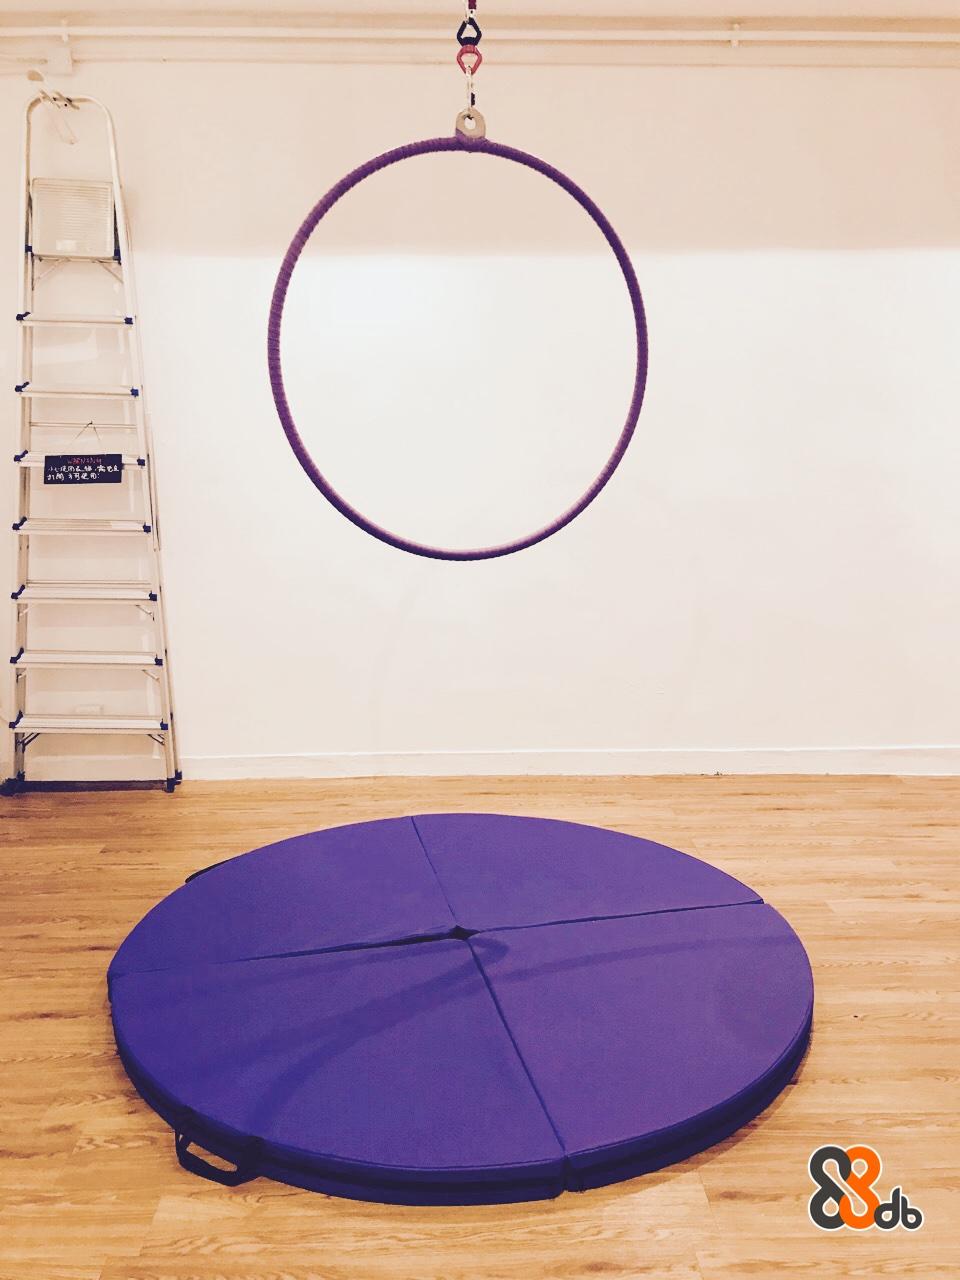 か鸬牁他司 db  purple,violet,product,table,